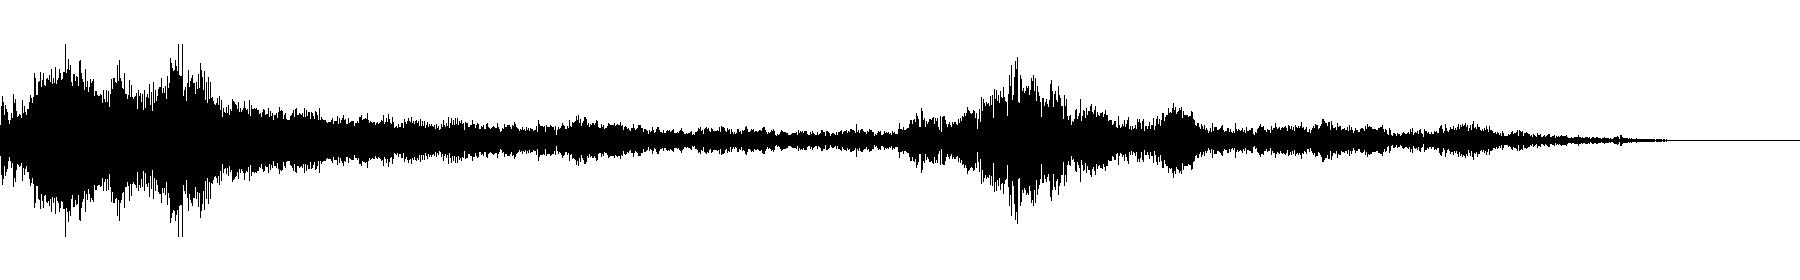 bluezone orbit sound 011